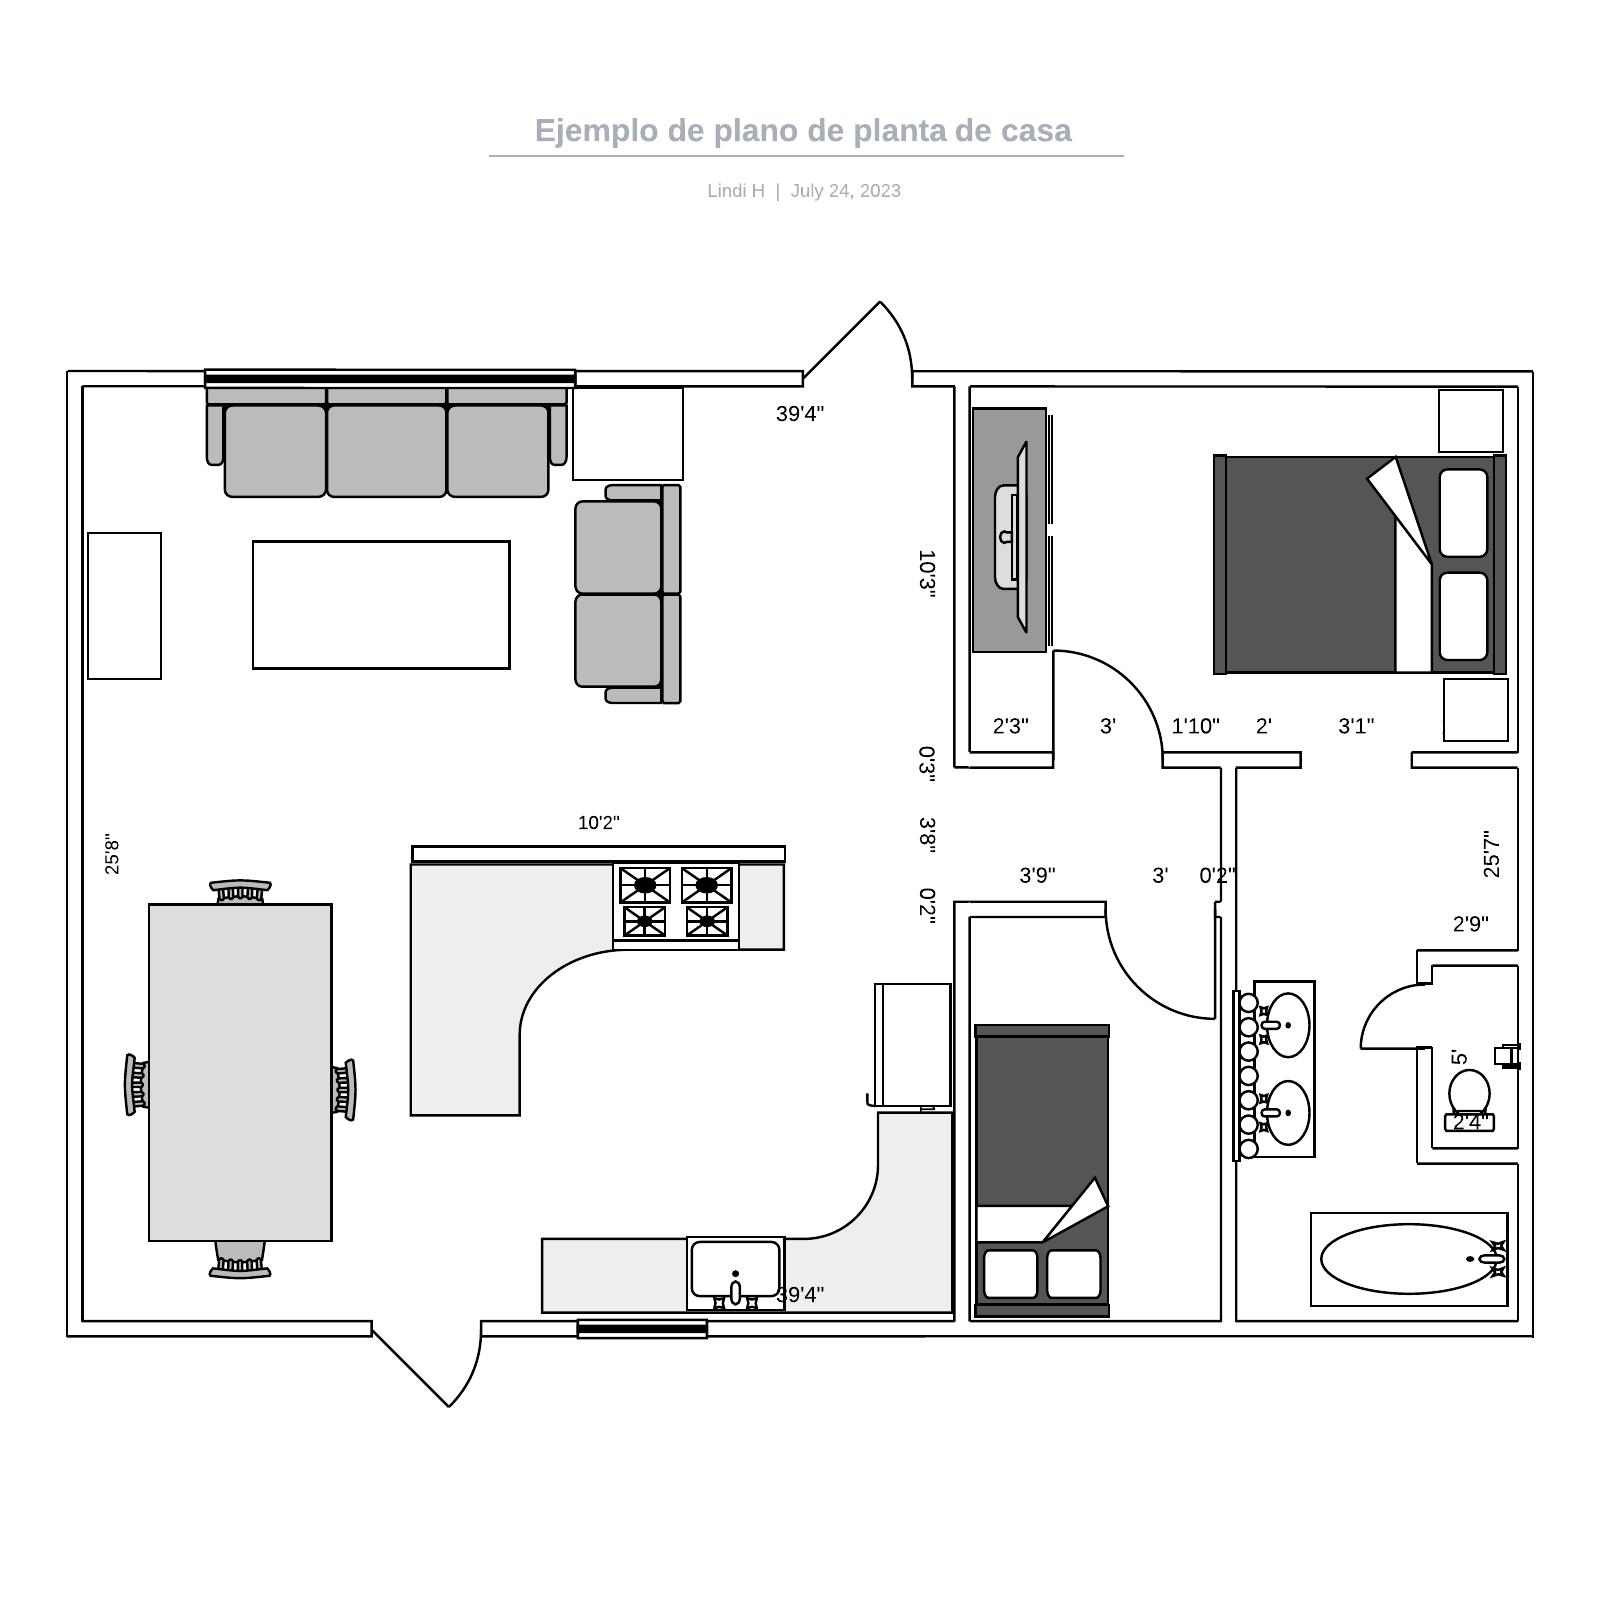 Ejemplo de plano de planta de casa